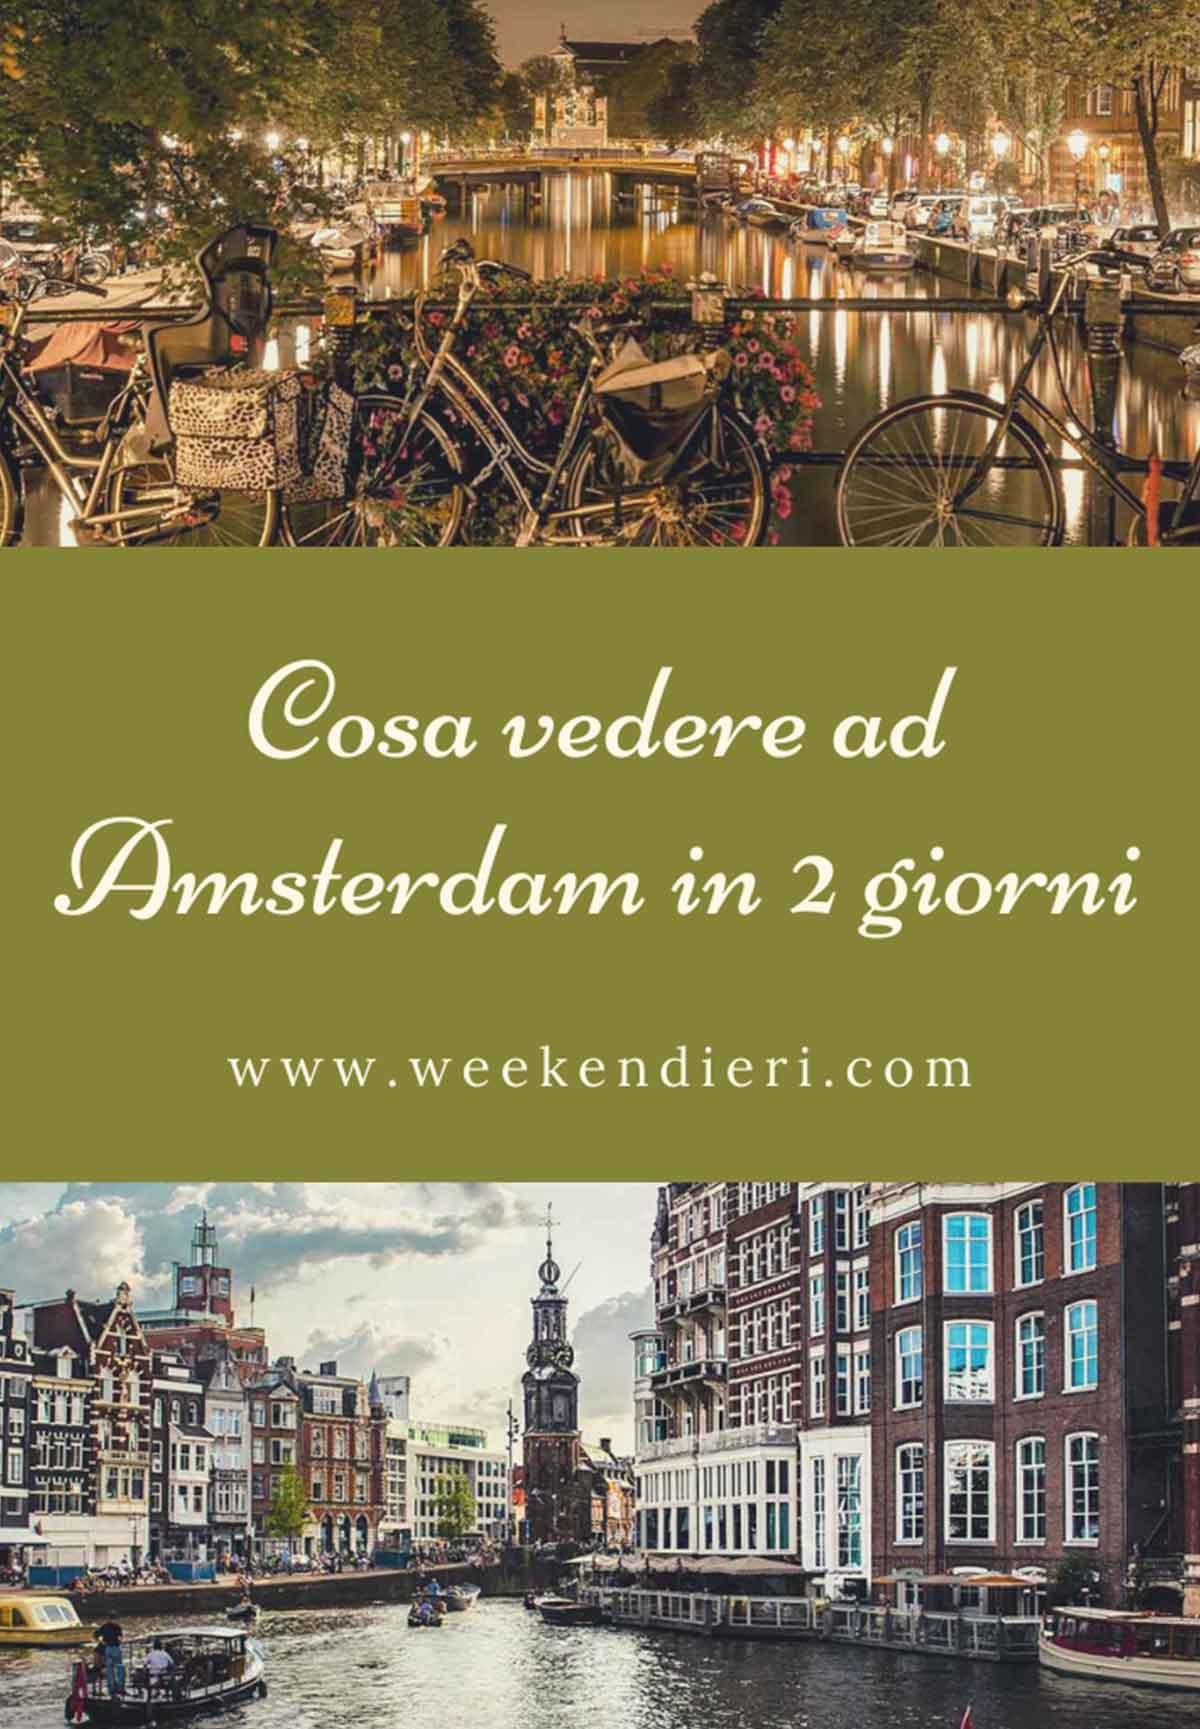 cosa vedere ad Amsterdam in 2 giorni